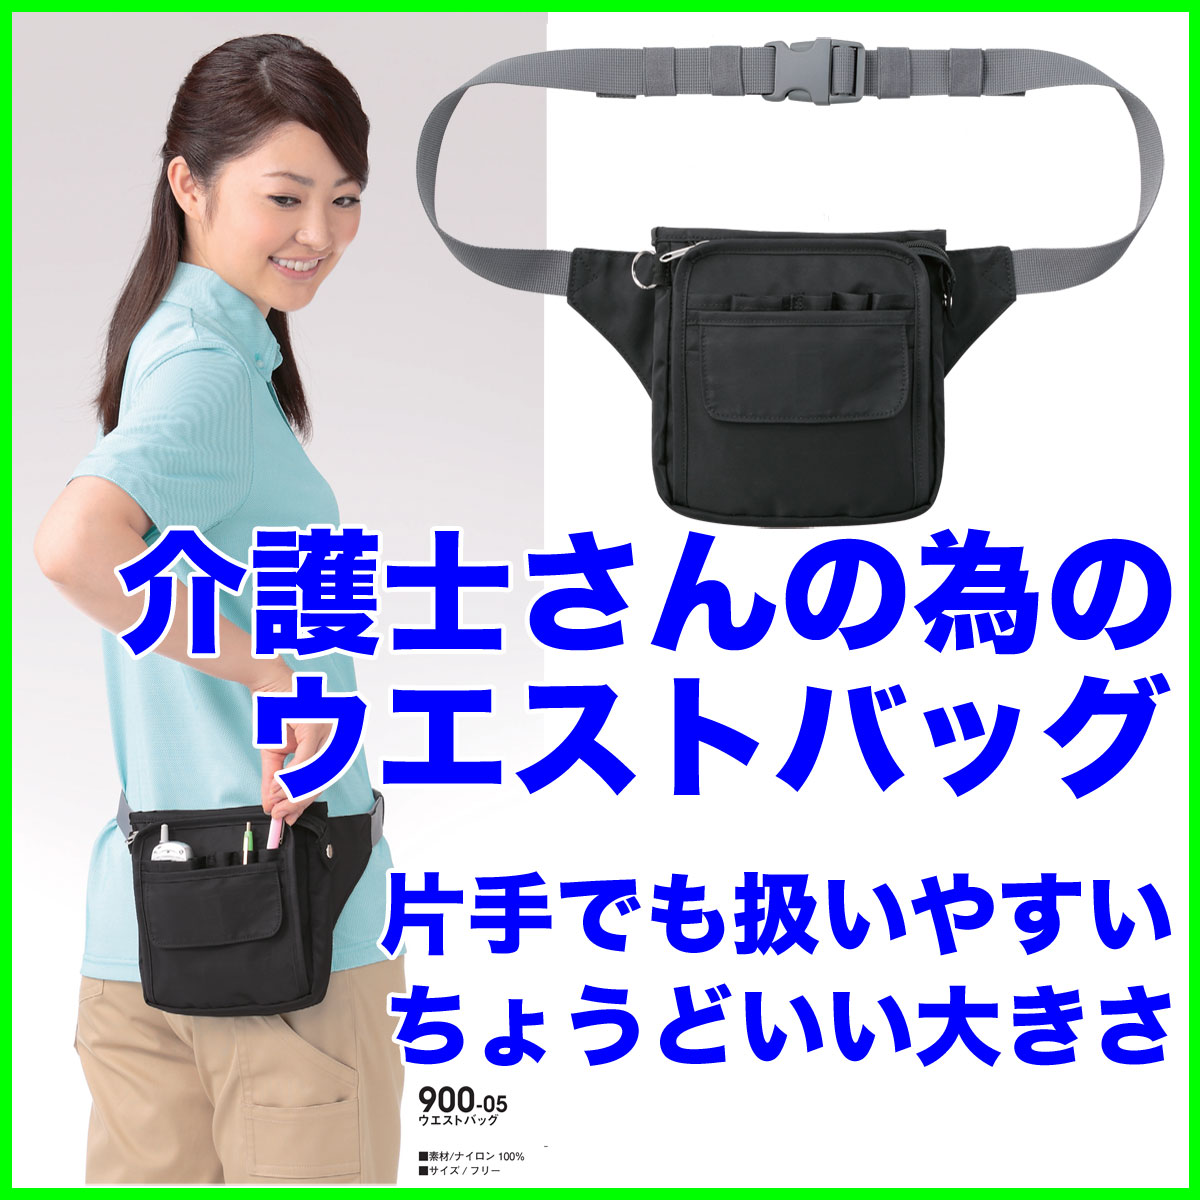 ウエストバッグ片手でも扱いやすく手頃なサイズ。介護士さんのご要望に応えました 老人ホーム 保健福祉施設 訪問看護 ユニフォーム シザーケース カバン かばん 鞄 ポーチ 900-05【】